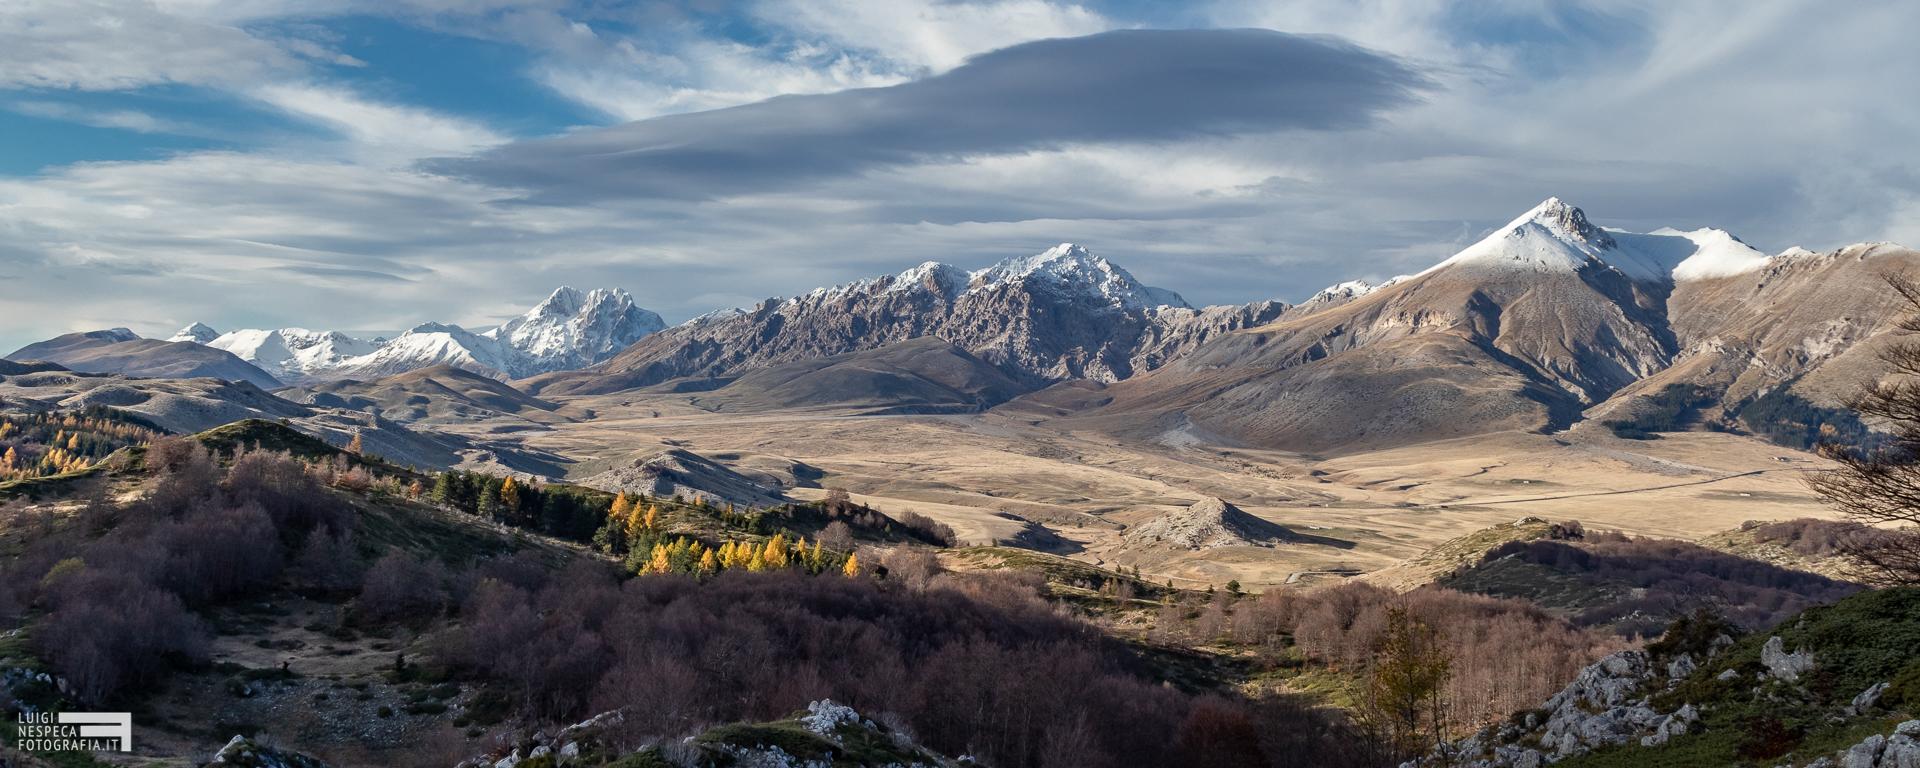 10 - Campo Imperatore: panoramica